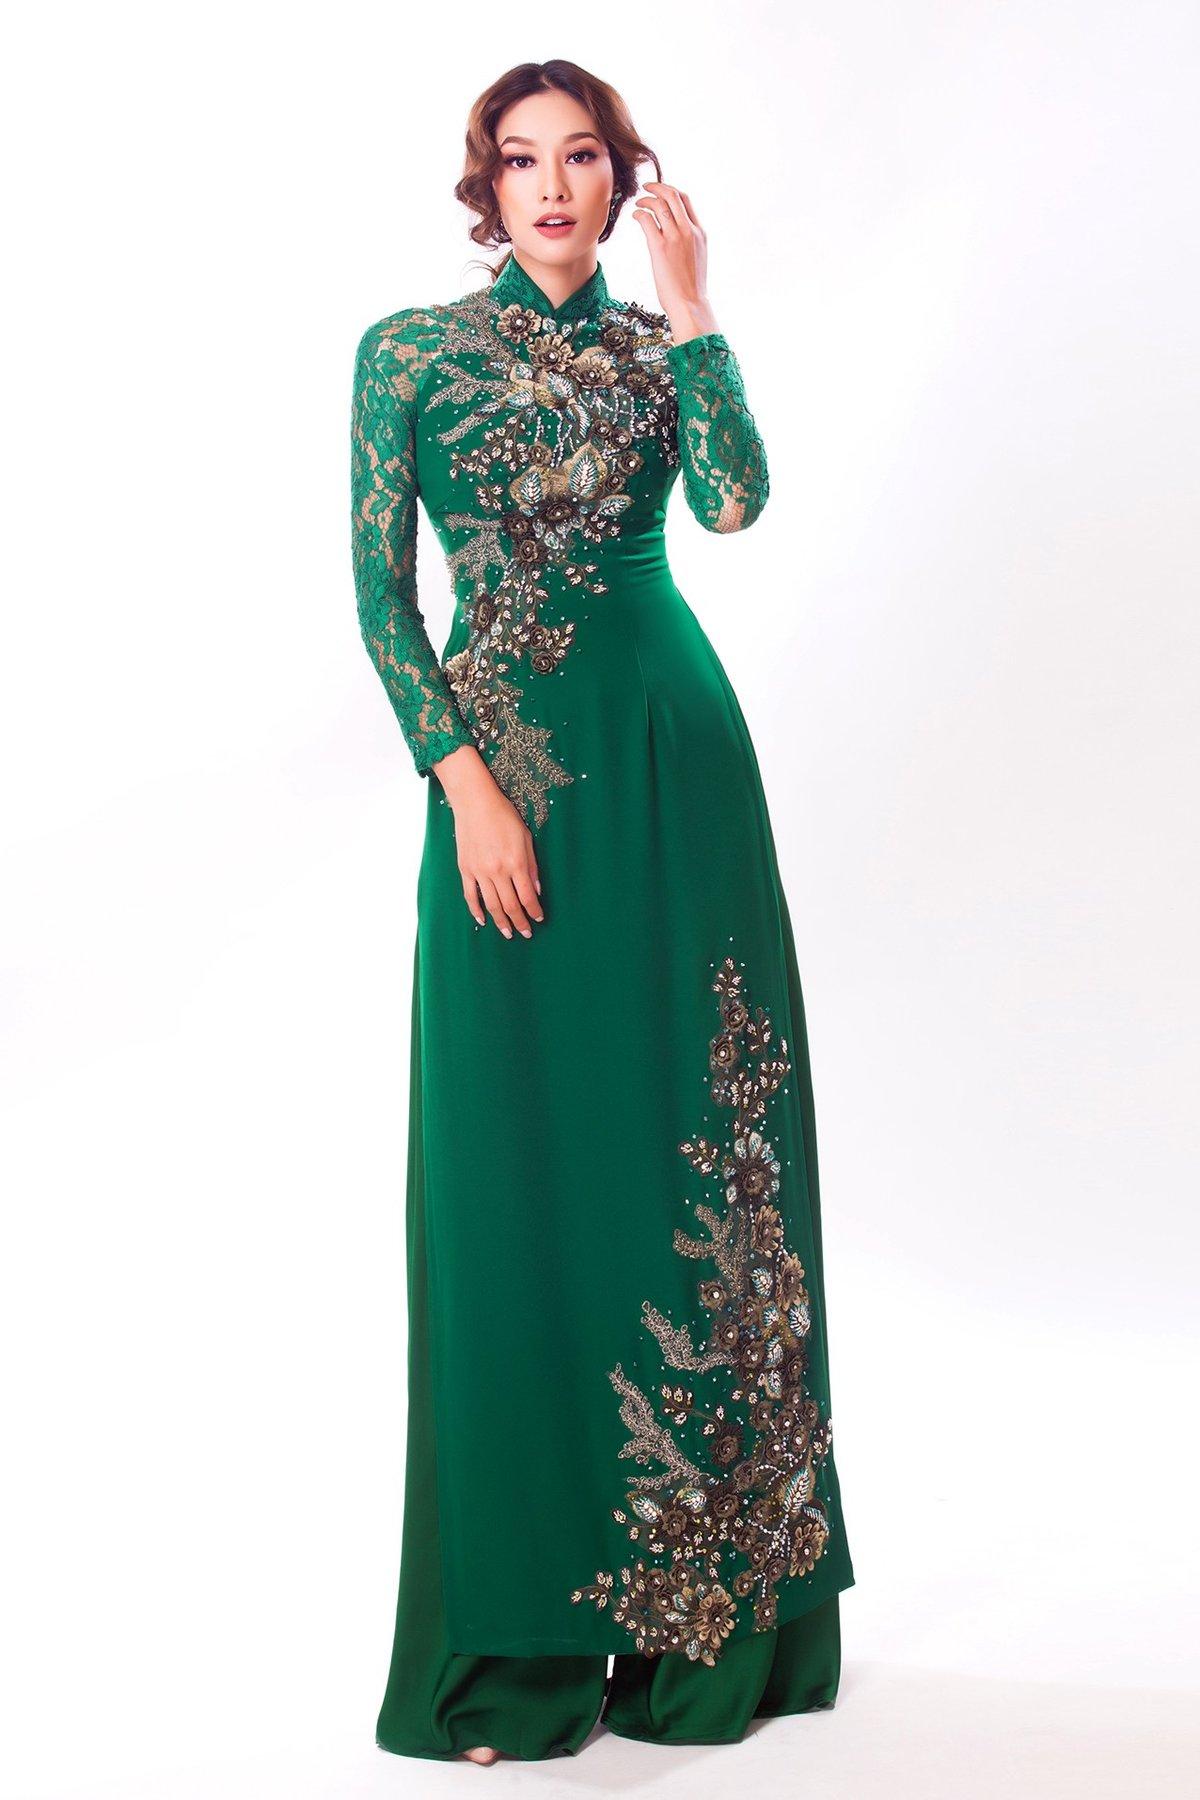 Ngôi sao - Lilly Nguyễn đẹp quý phái trong áo dài cưới truyền thống (Hình 2).